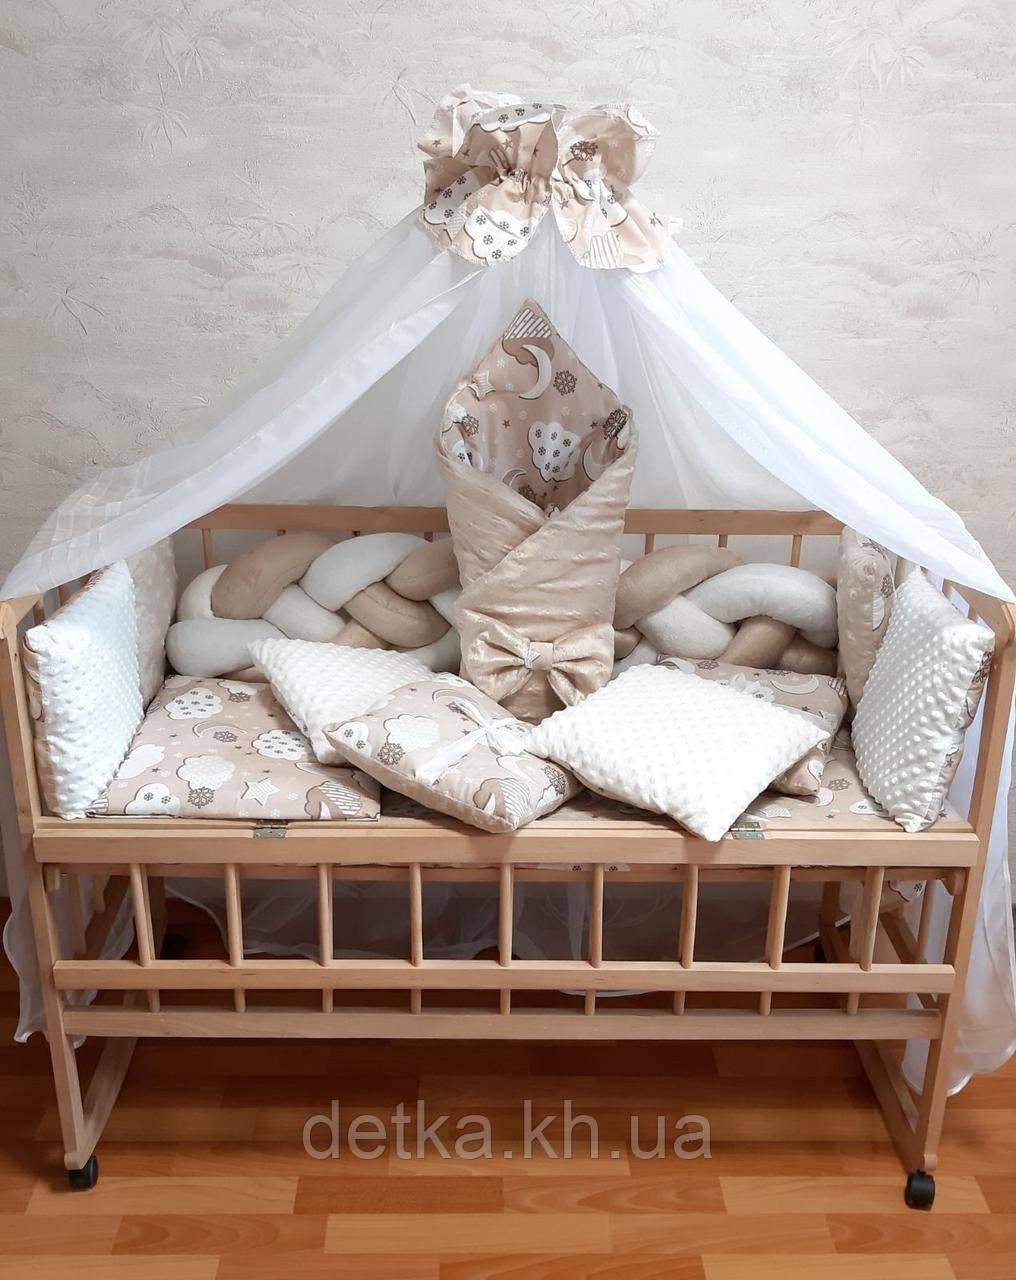 """Комплект """"постельный в детскую кроватку с конвертом"""", шоколадный"""